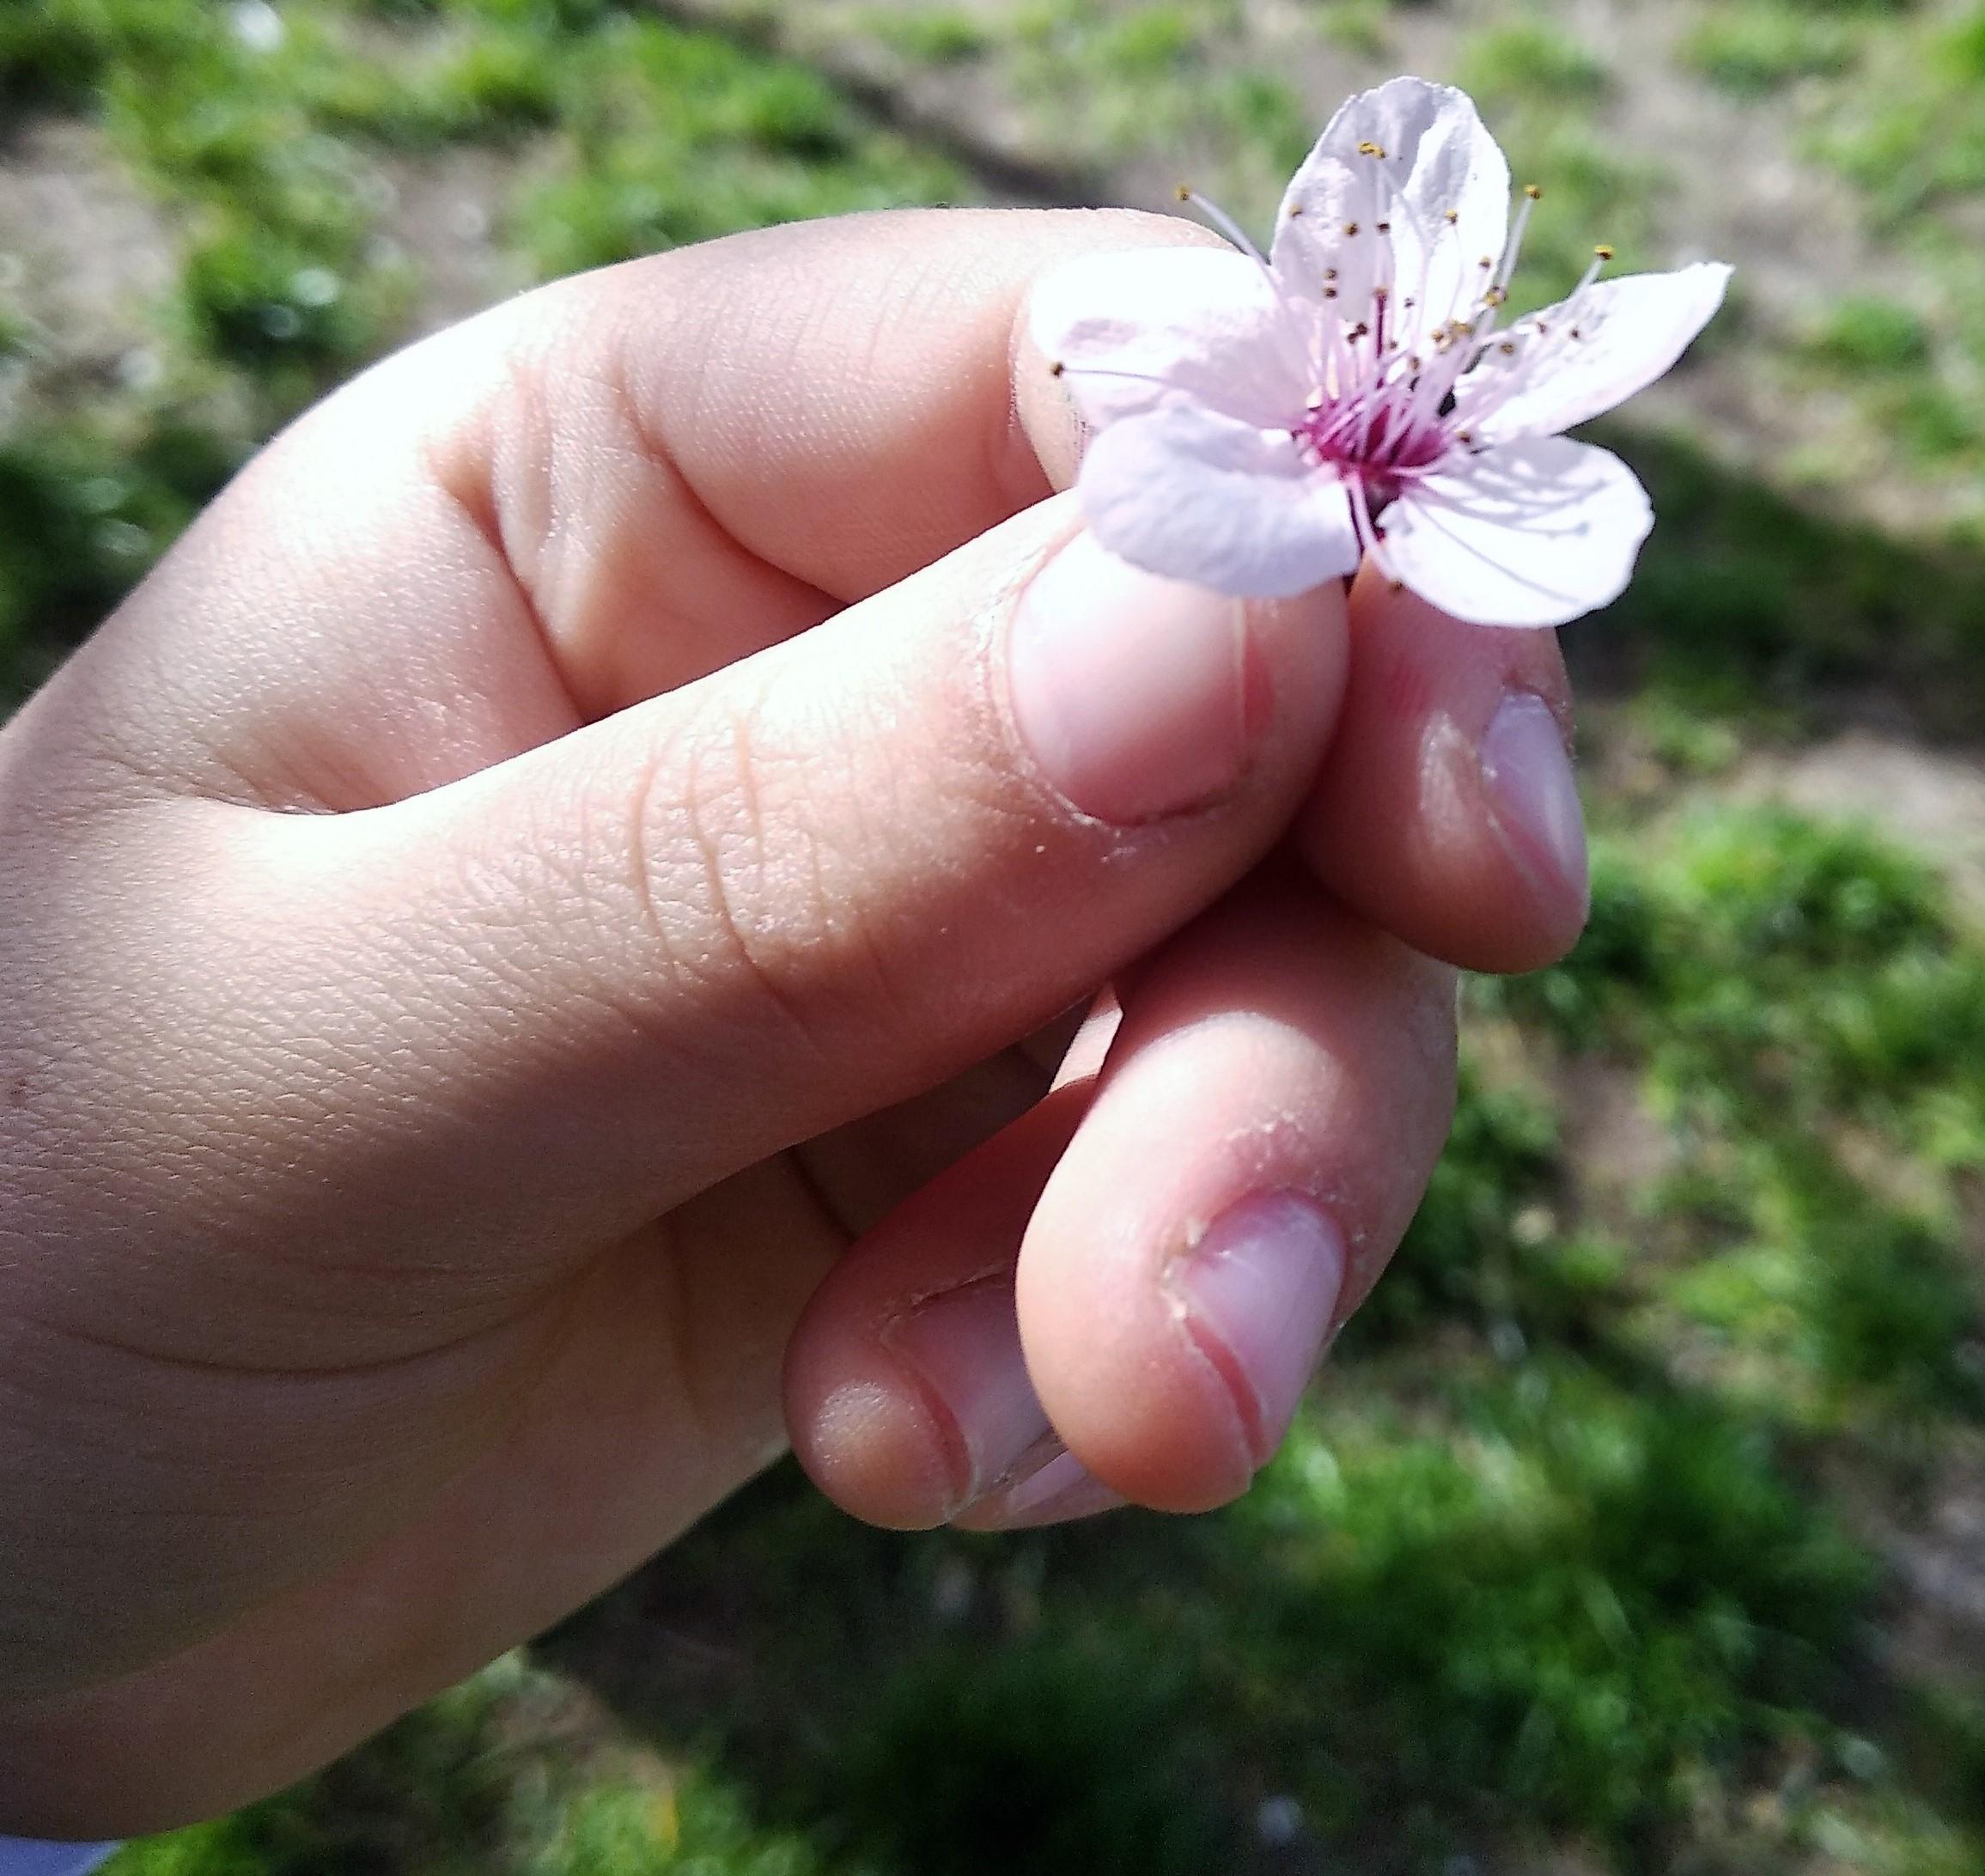 Mano di bimbo porge un fiore